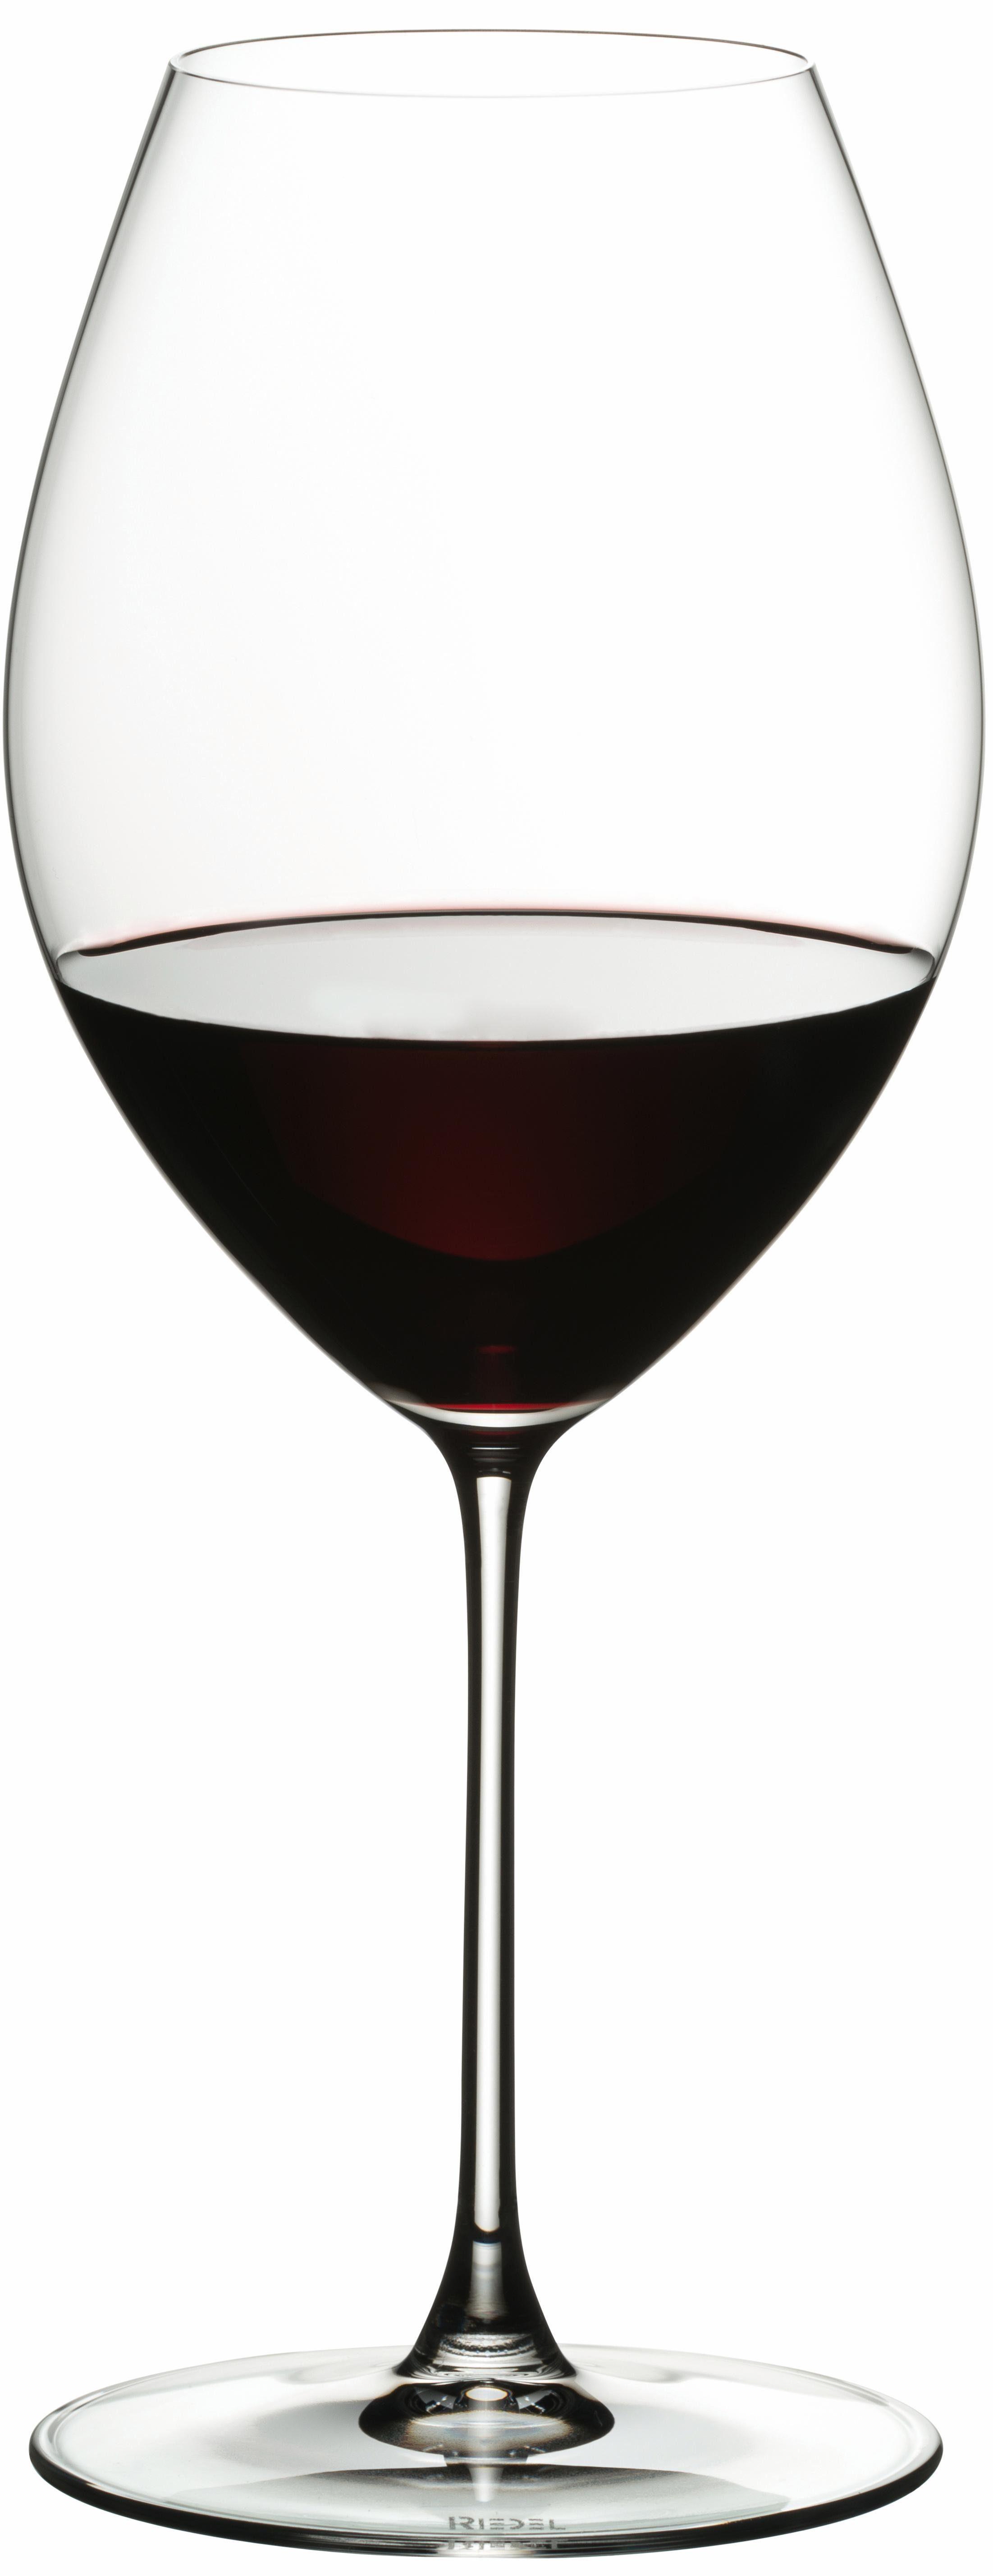 RIEDEL Glas Weinglas »Veritas« (2 Stück)